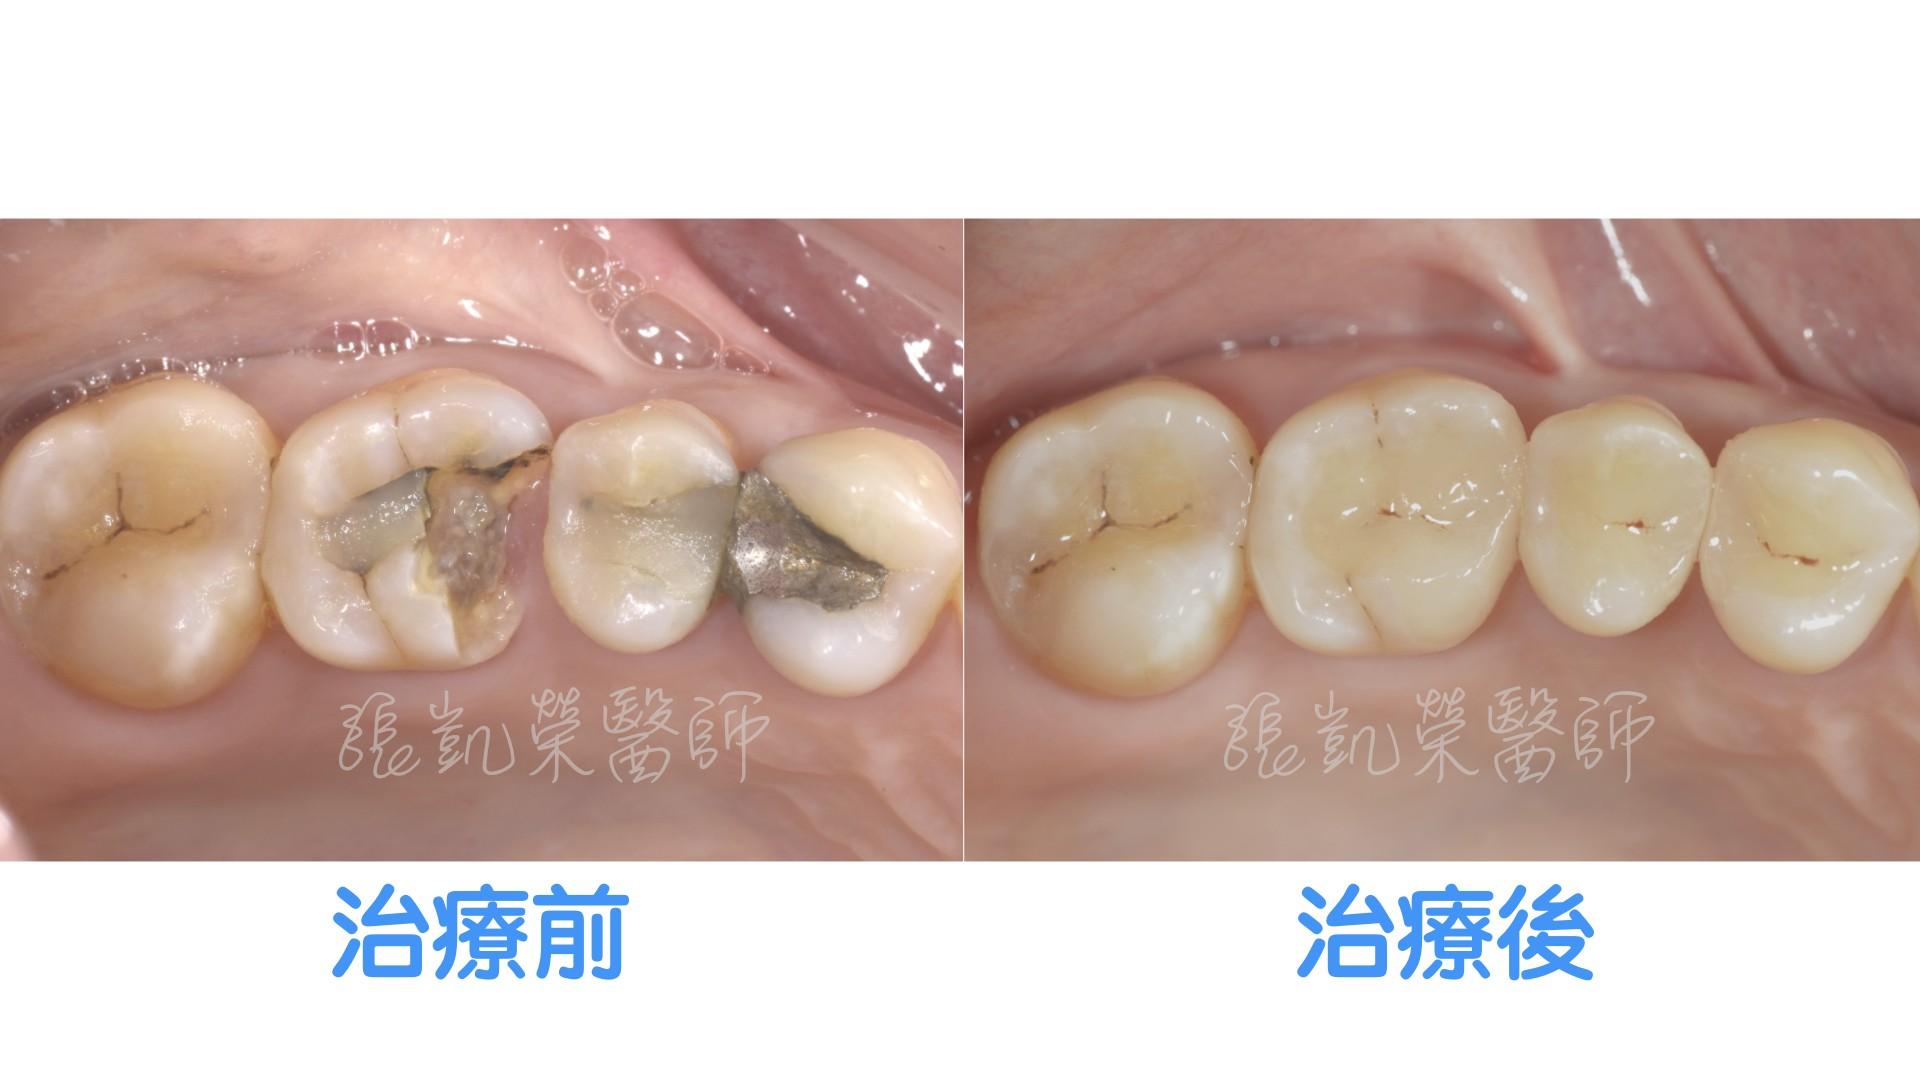 大範圍蛀牙怎麼辦呢? part II:兼具強度、保護、微創的全瓷嵌體